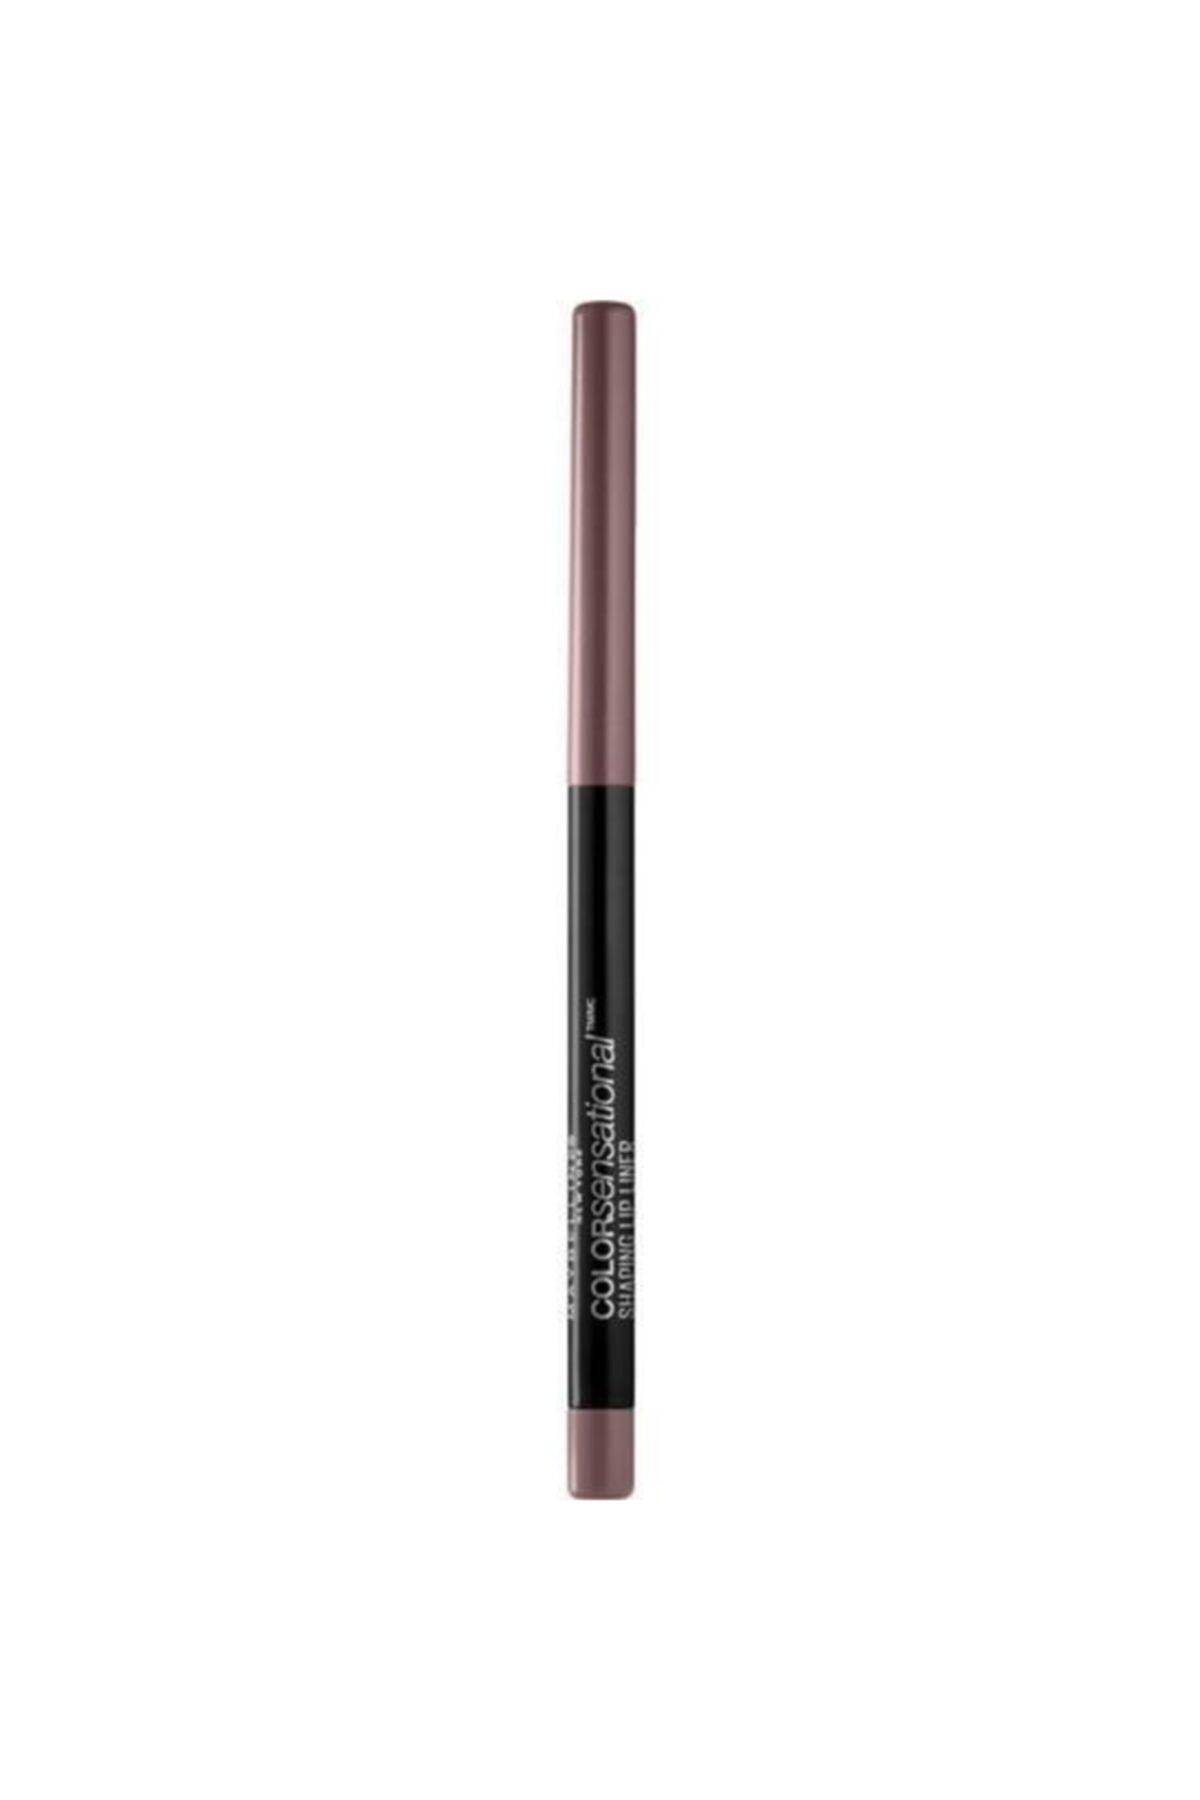 فروش اینترنتی مداد خط لب برند Maybelline New York رنگ قهوه ای کد ty4439903